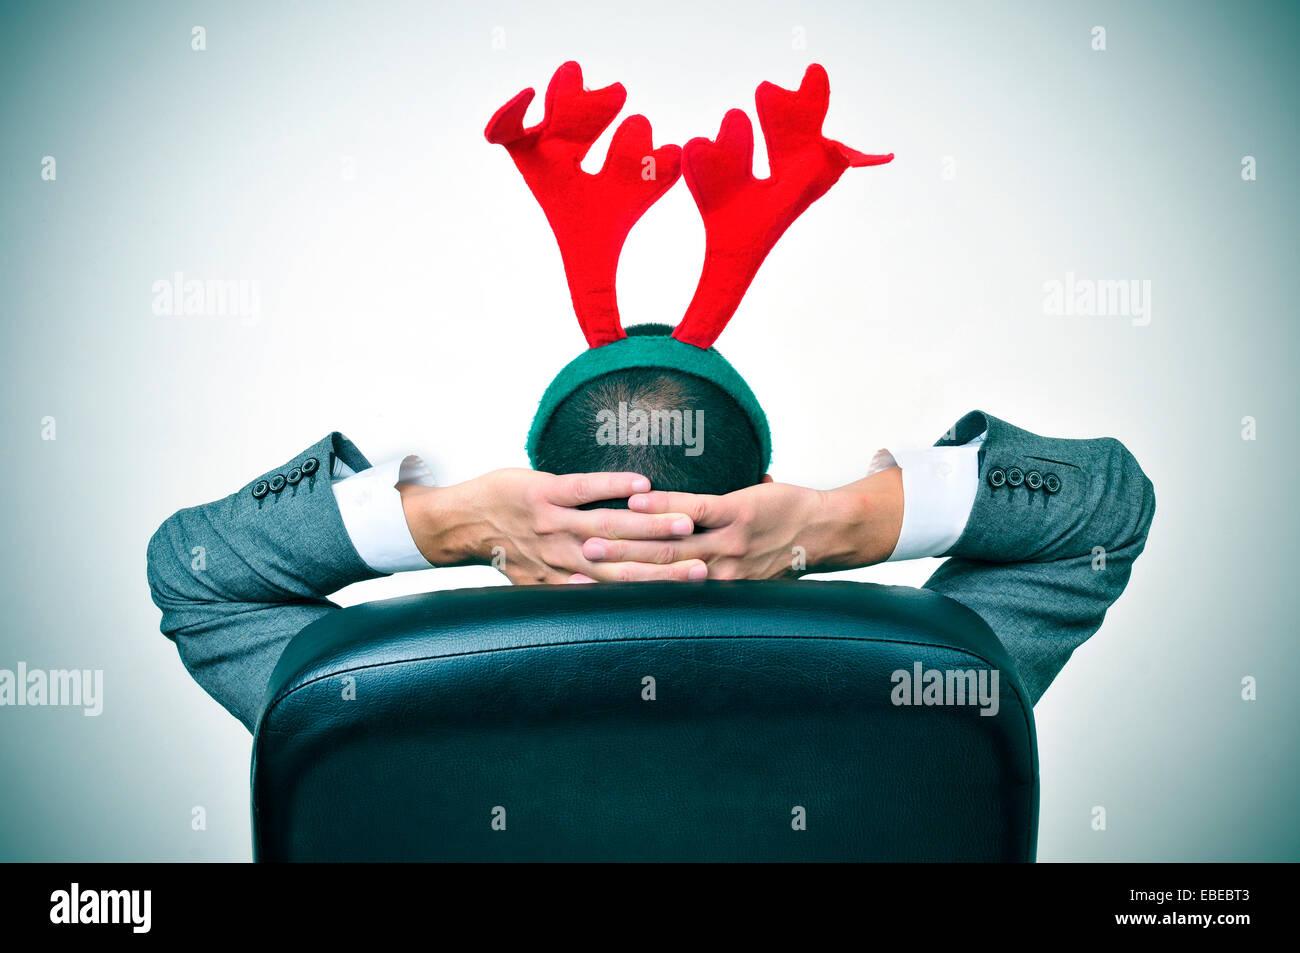 Un hombre con una diadema de cuernos de reno descansando en su silla de oficina después de una fiesta de navidad Imagen De Stock